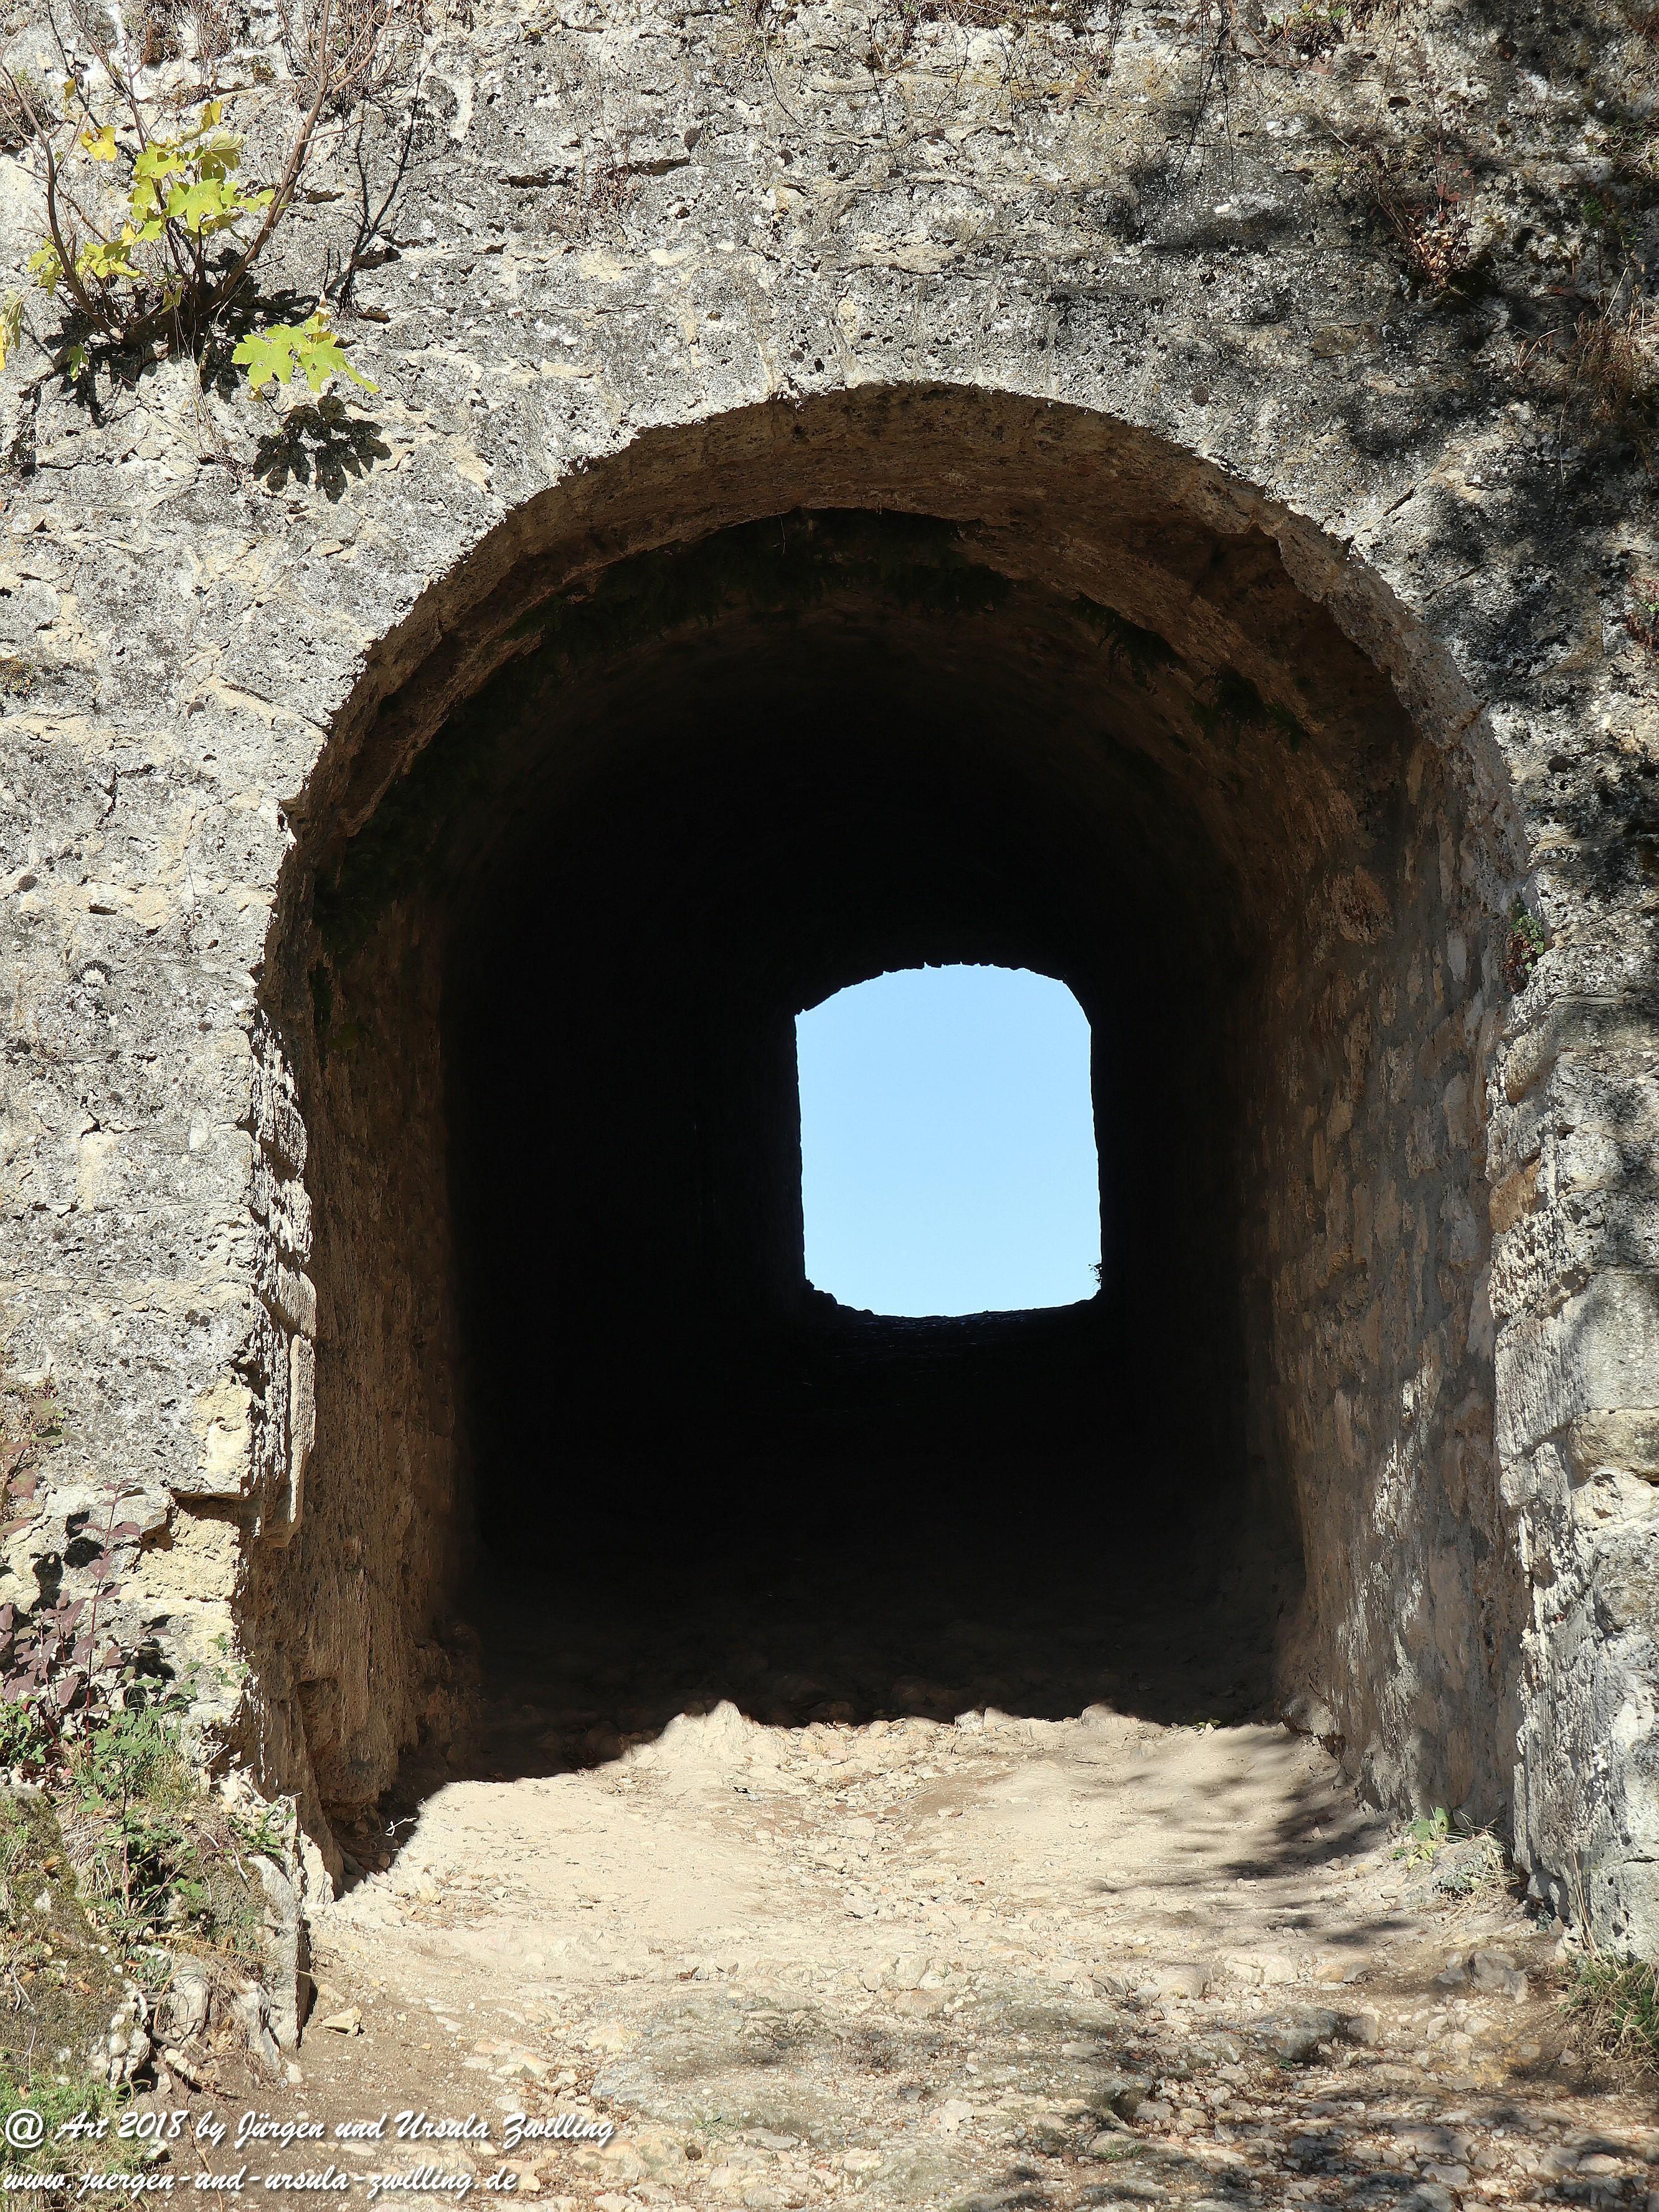 Tunnellichtblick